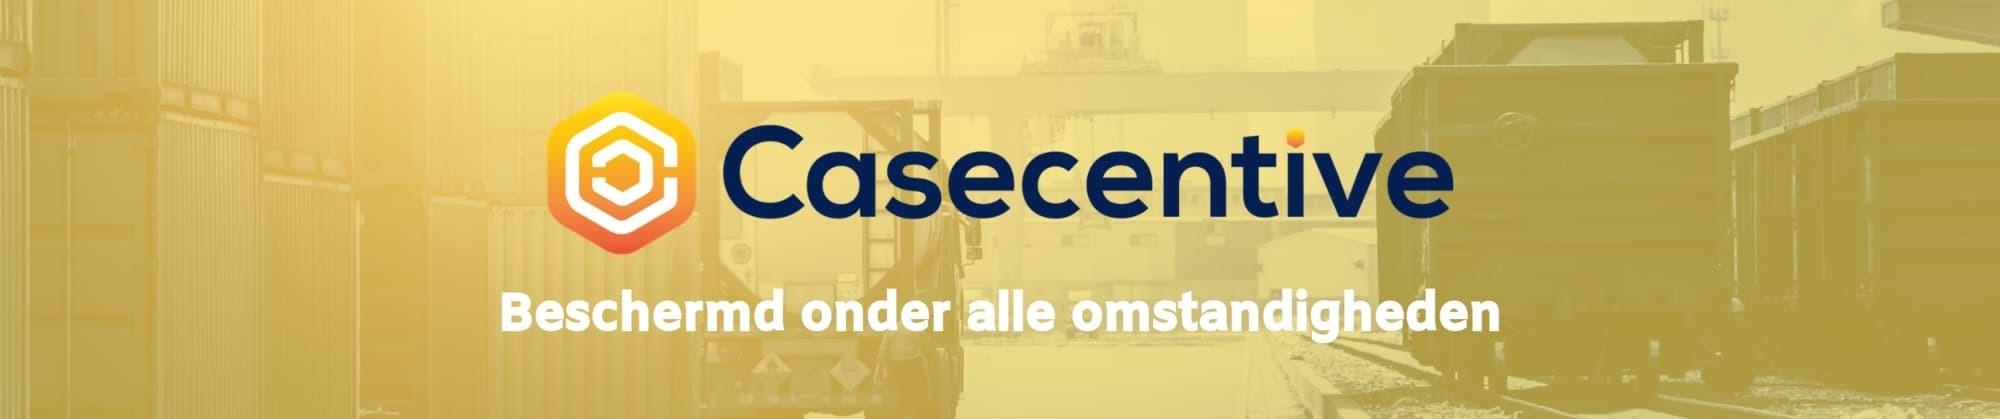 Casecentive main banner